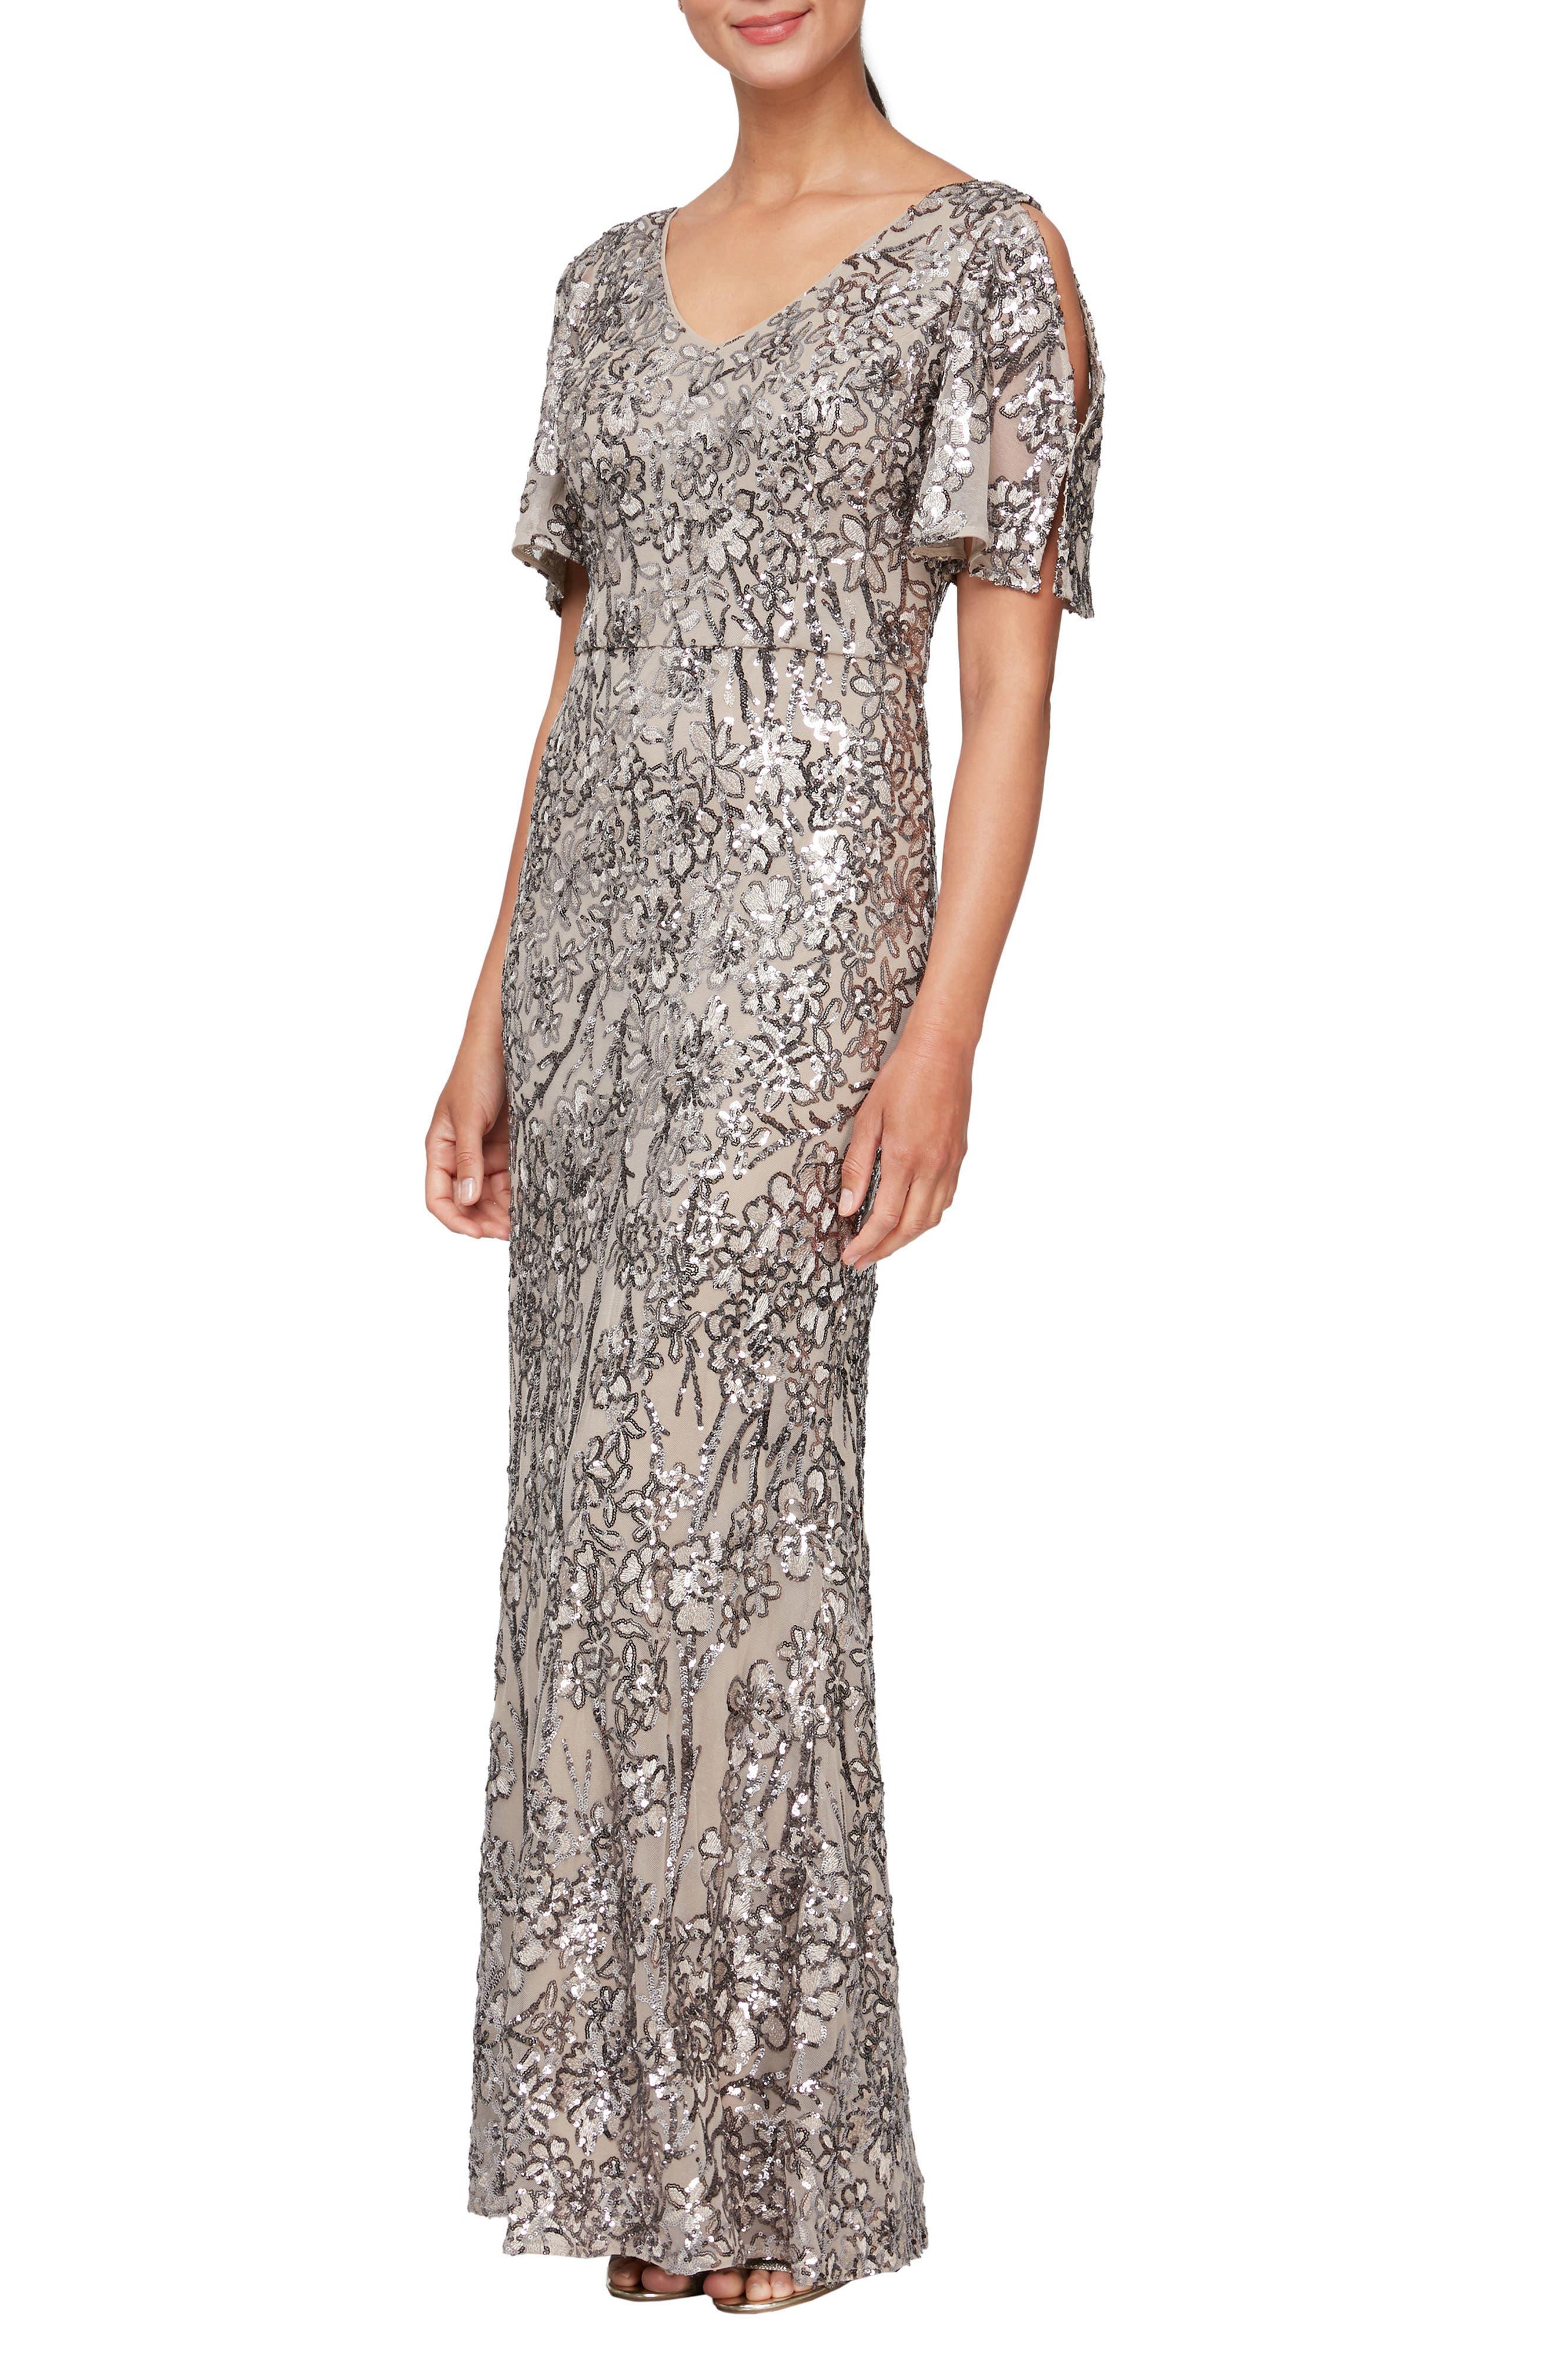 Sequin Lace Cold Shoulder Trumpet Gown